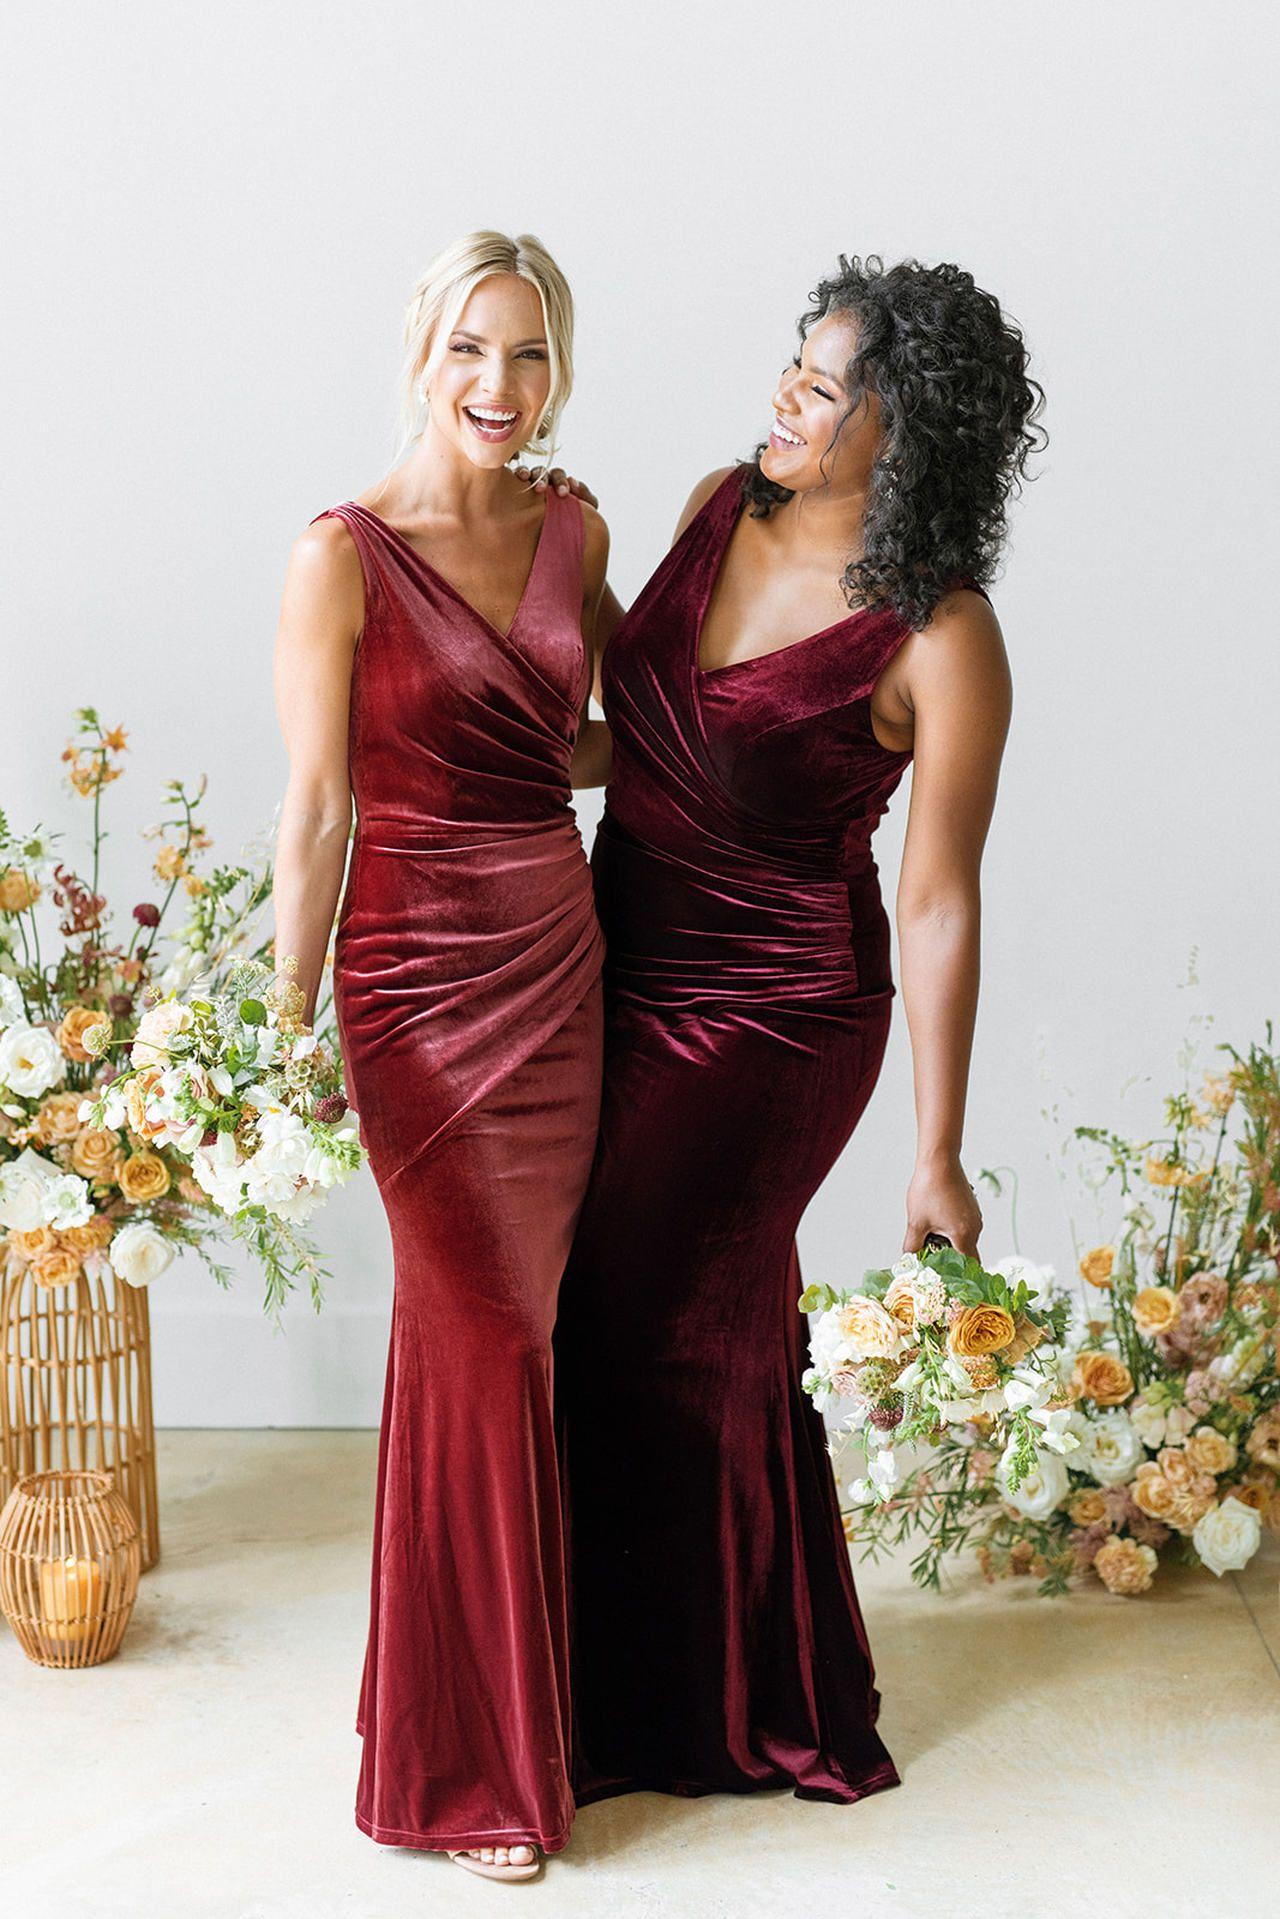 Dawson Velvet Dress Velvet Bridesmaid Dresses Bridesmaid Dresses With Sleeves Blush Bridesmaid Dresses [ 1919 x 1280 Pixel ]